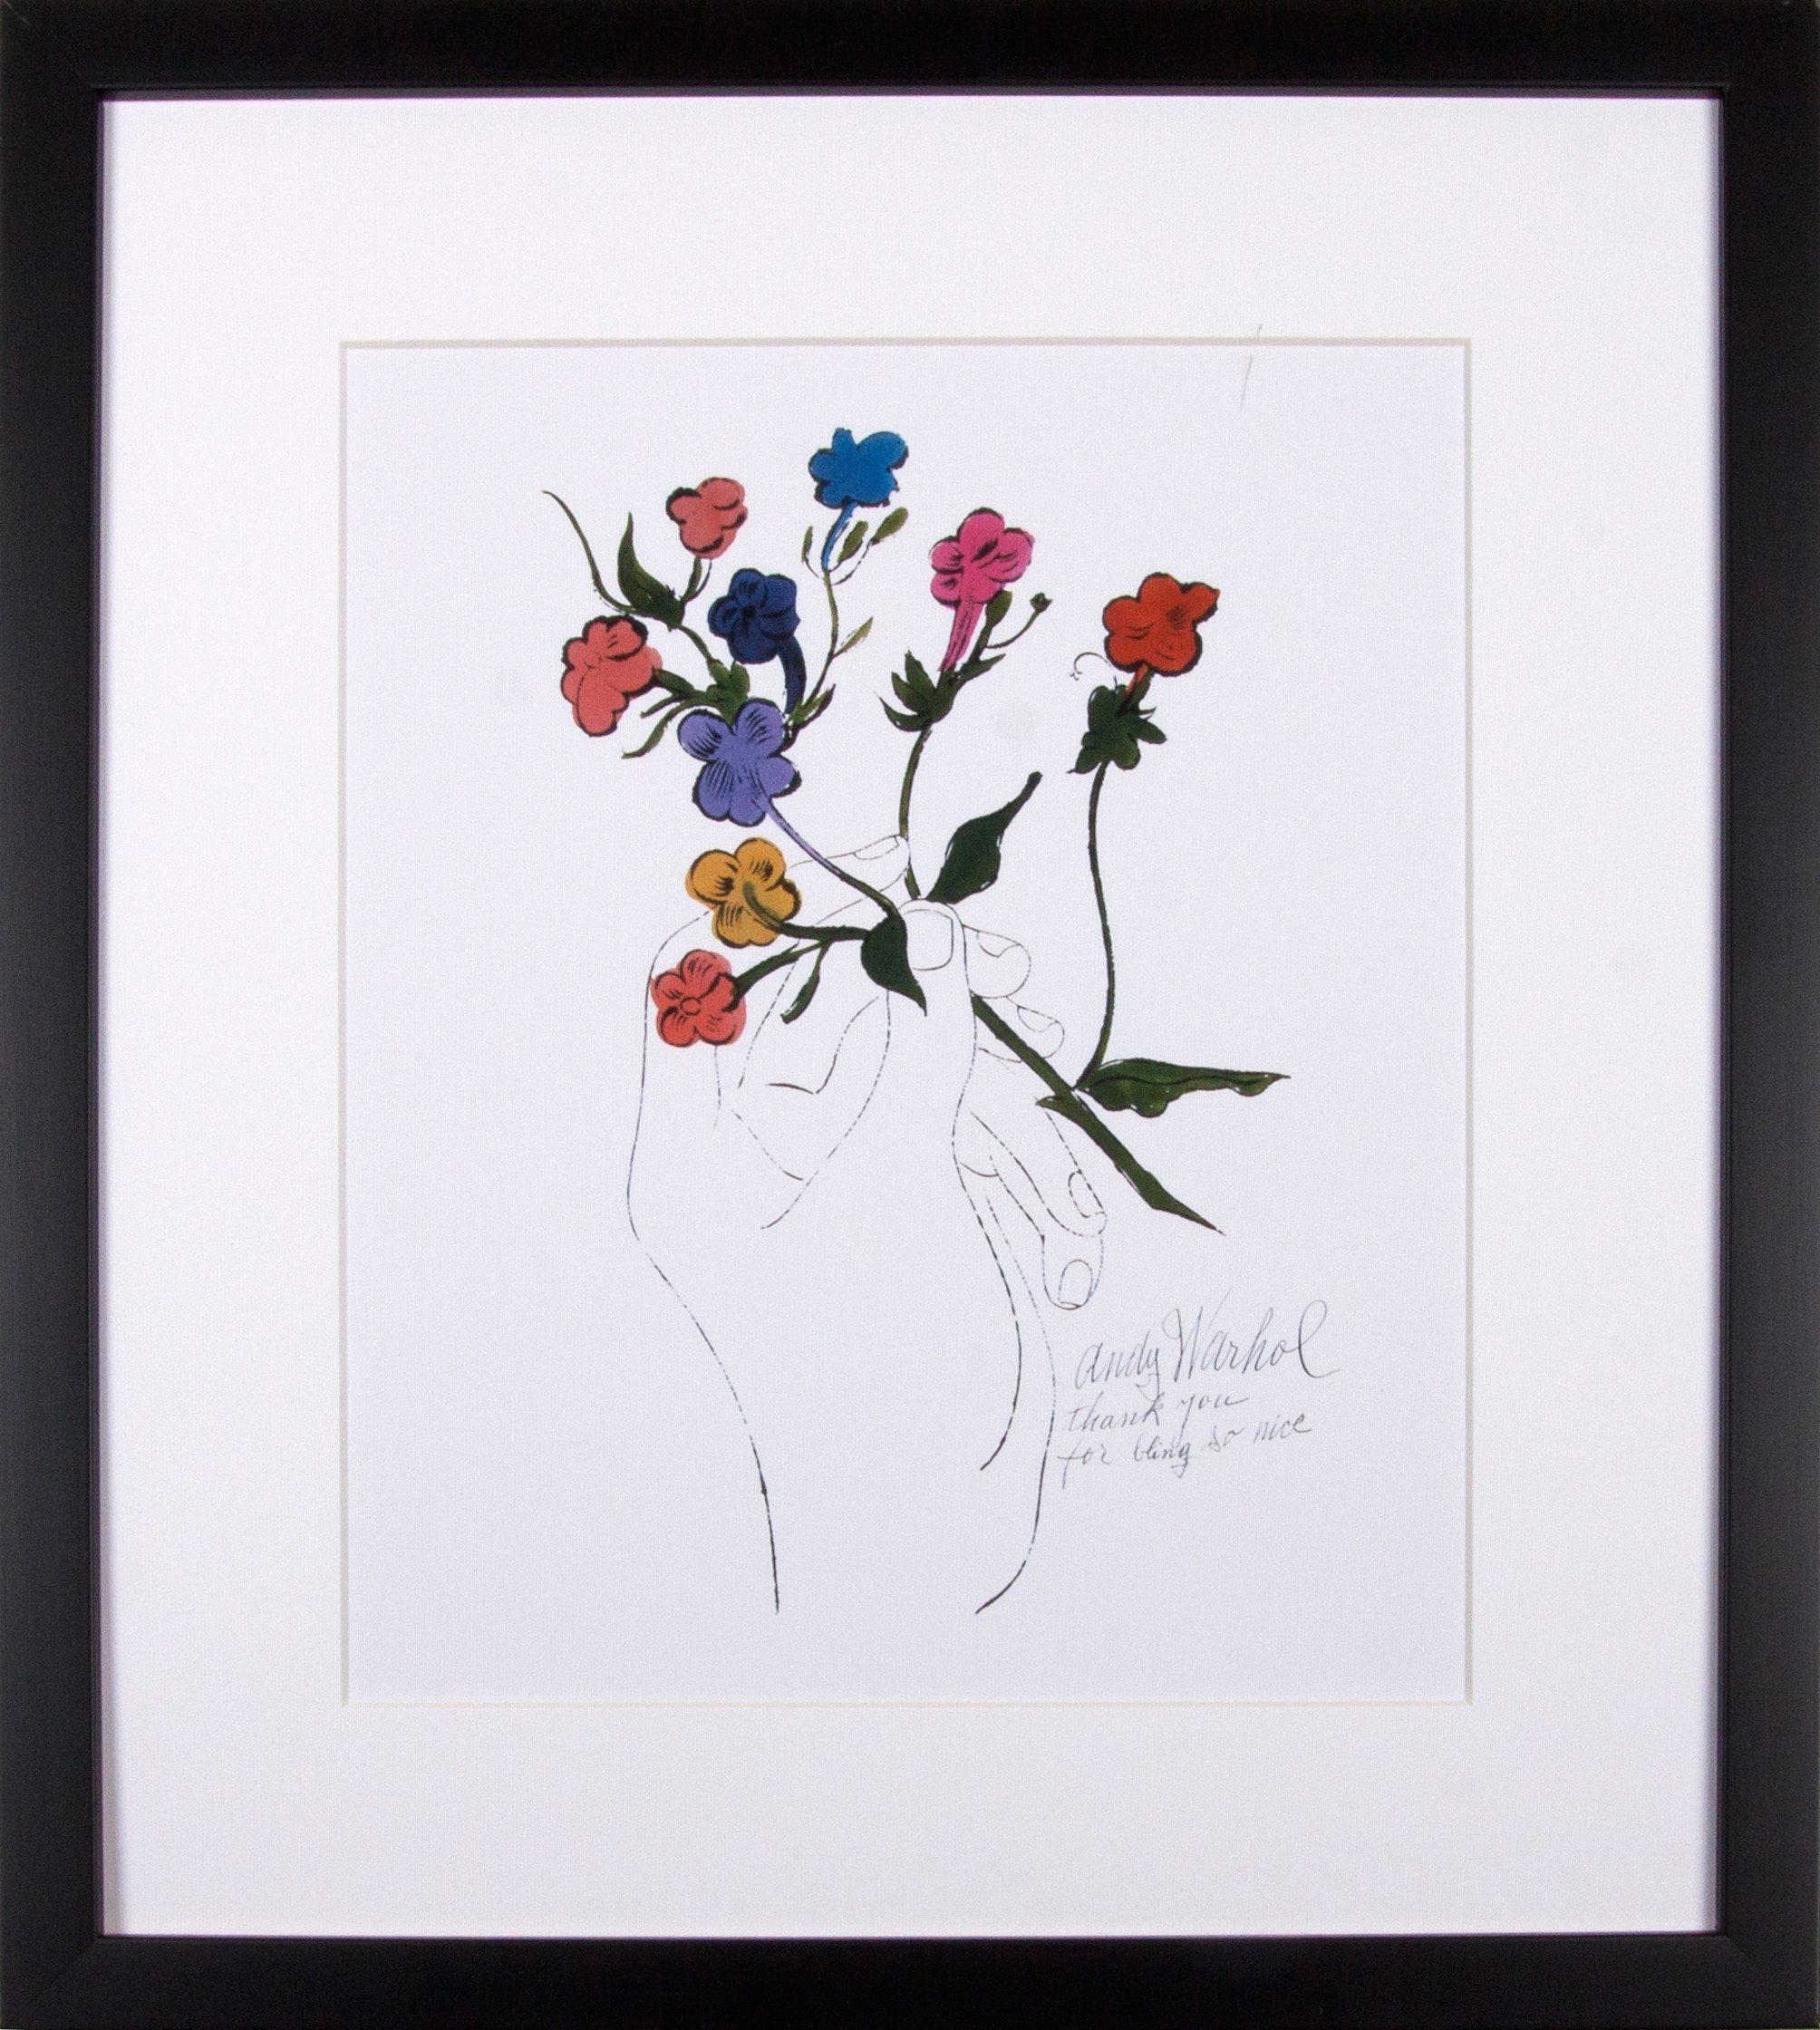 G&C gerahmter Kunstdruck Andy Warhol, Bunter Blütenstiel, 33/43